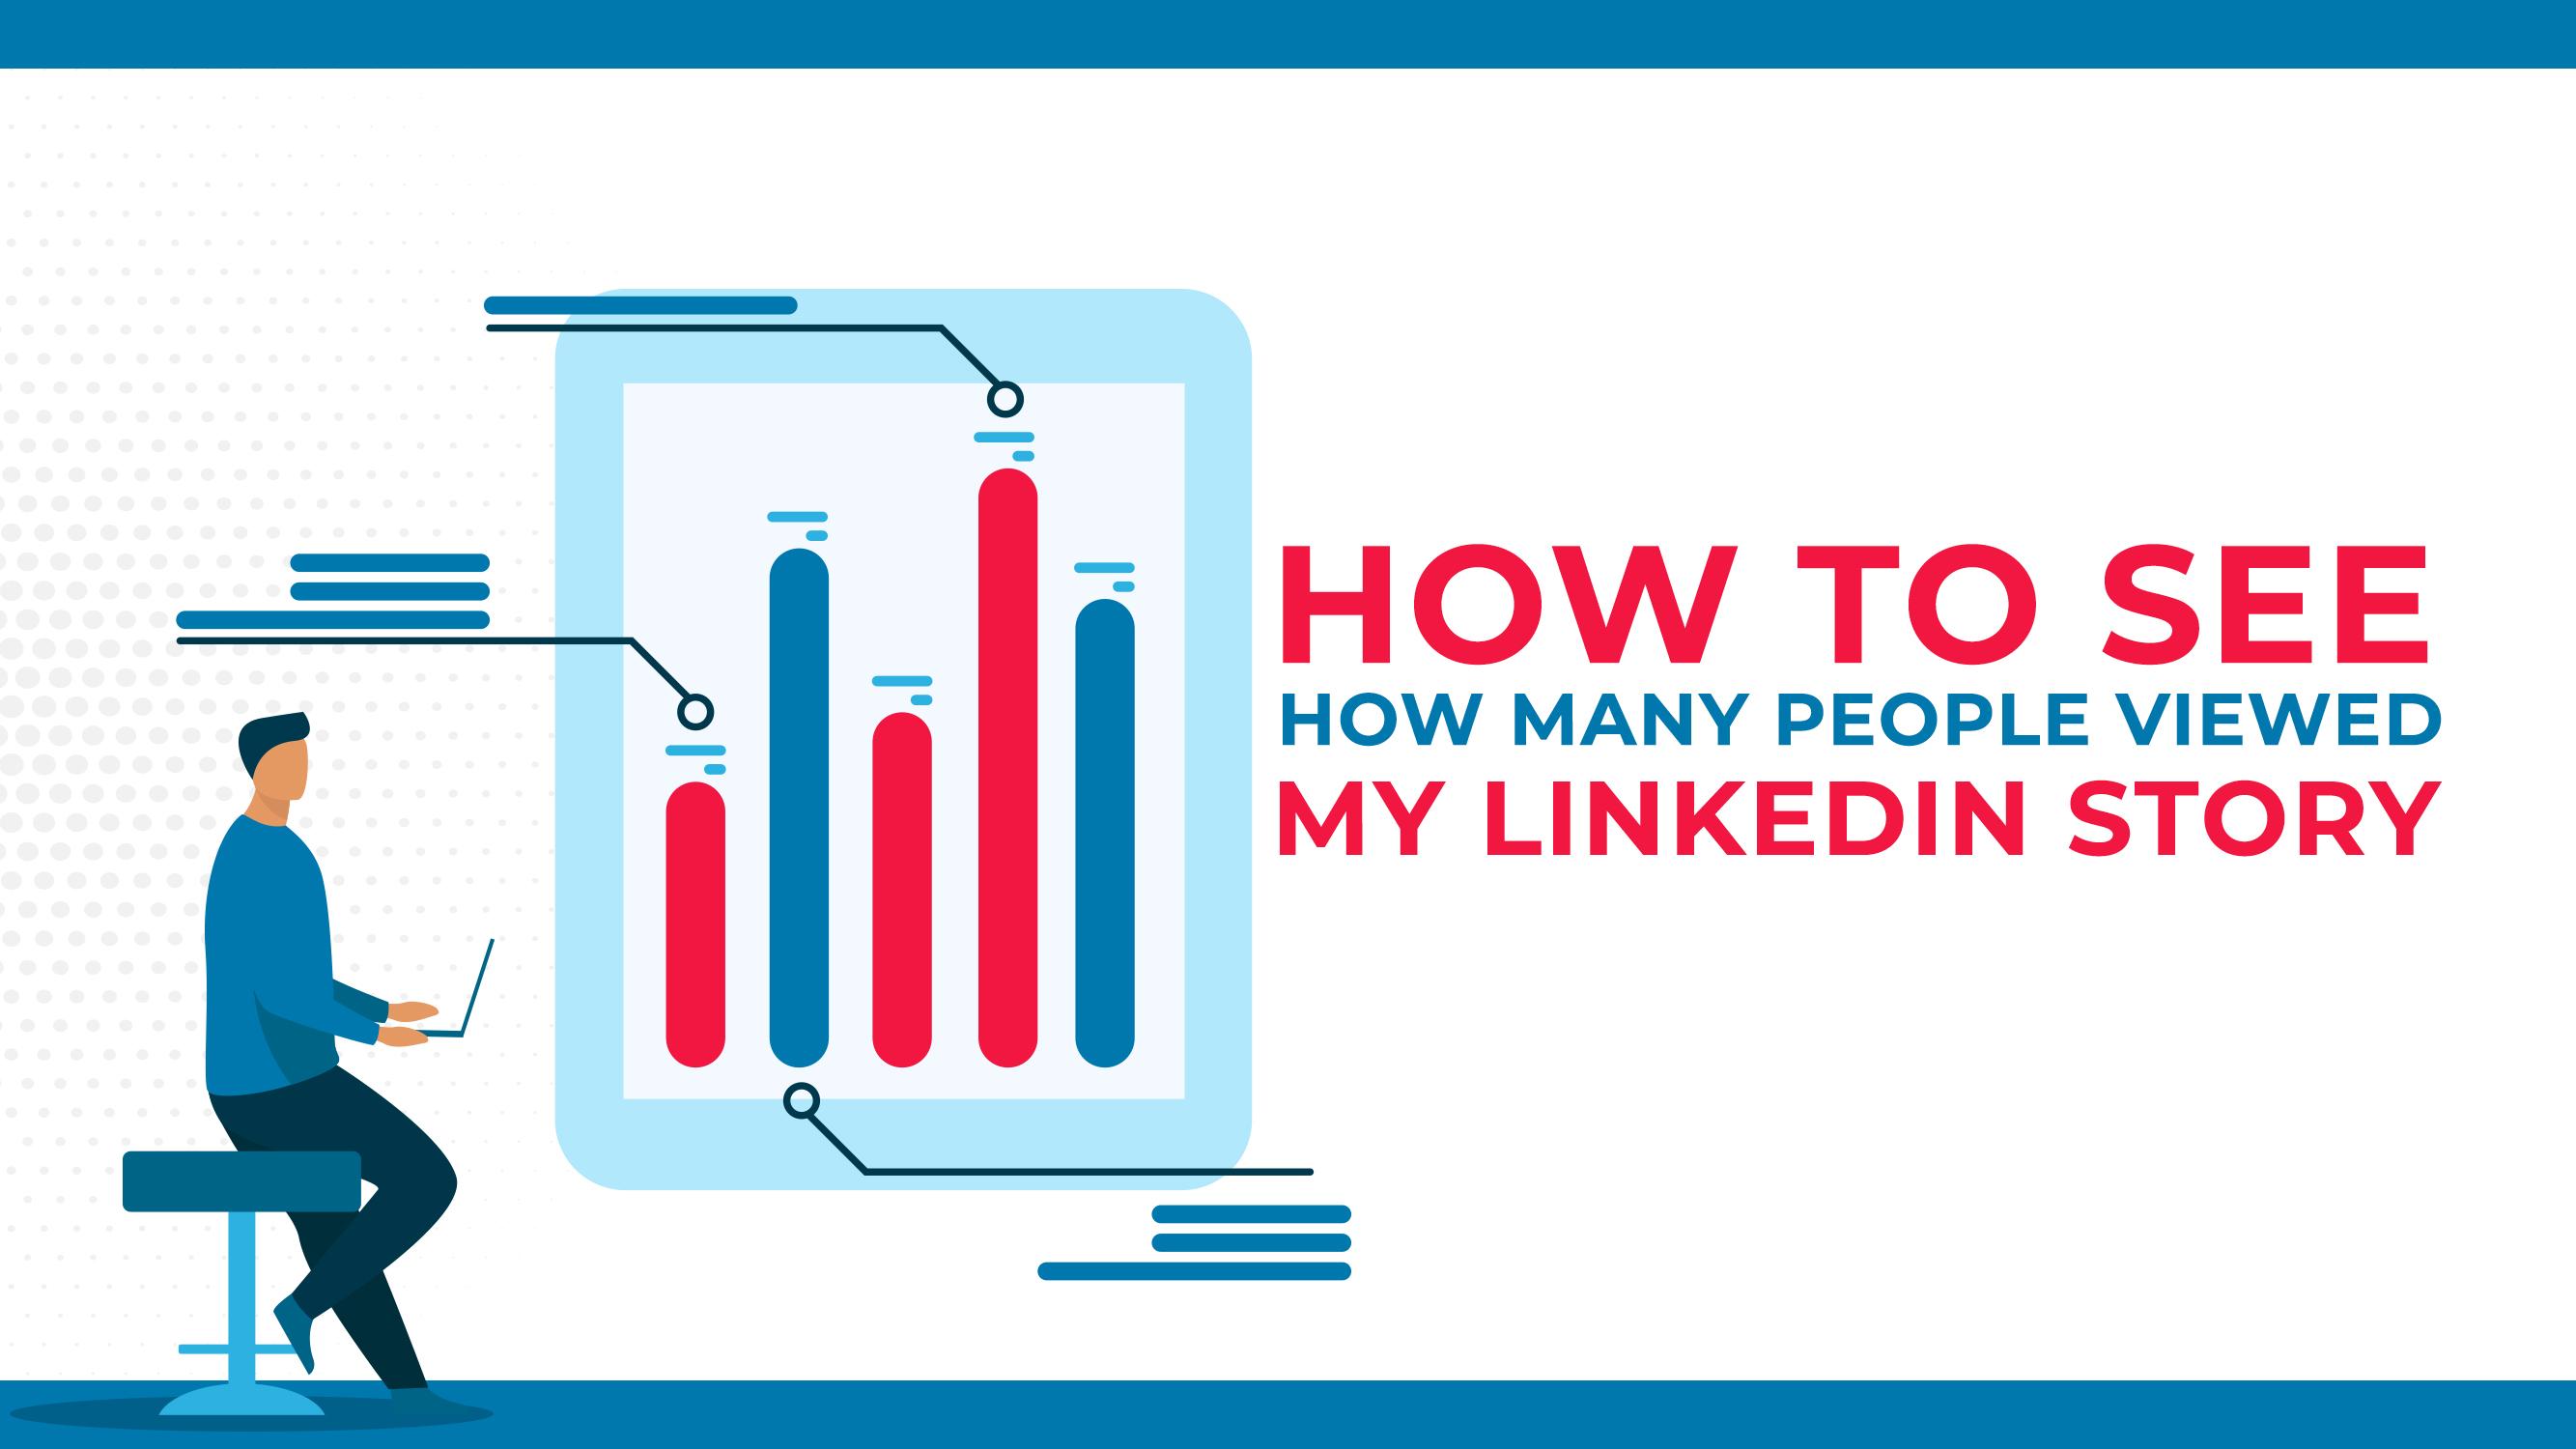 Come vedere quante persone hanno visto la mia storia su LinkedIn